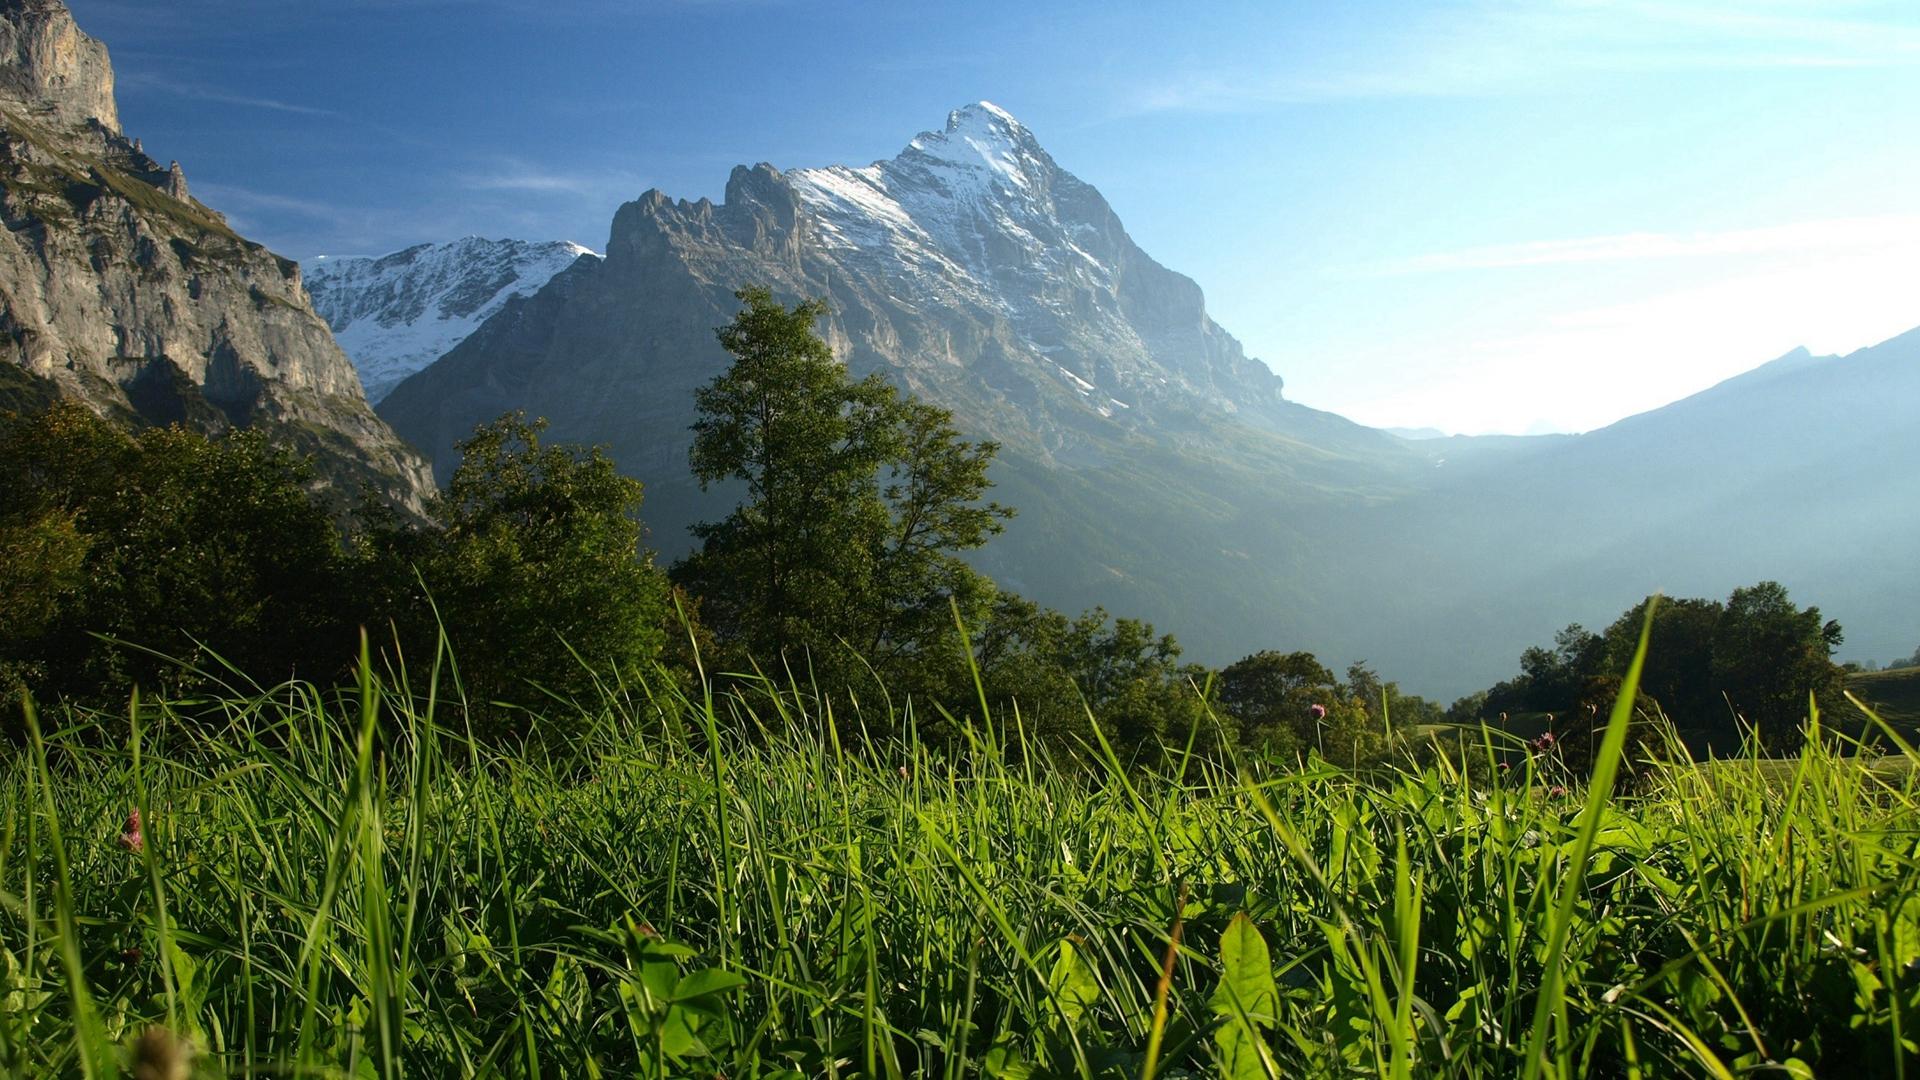 美丽清秀山间风光大自然美景高清唯美电脑壁纸合集